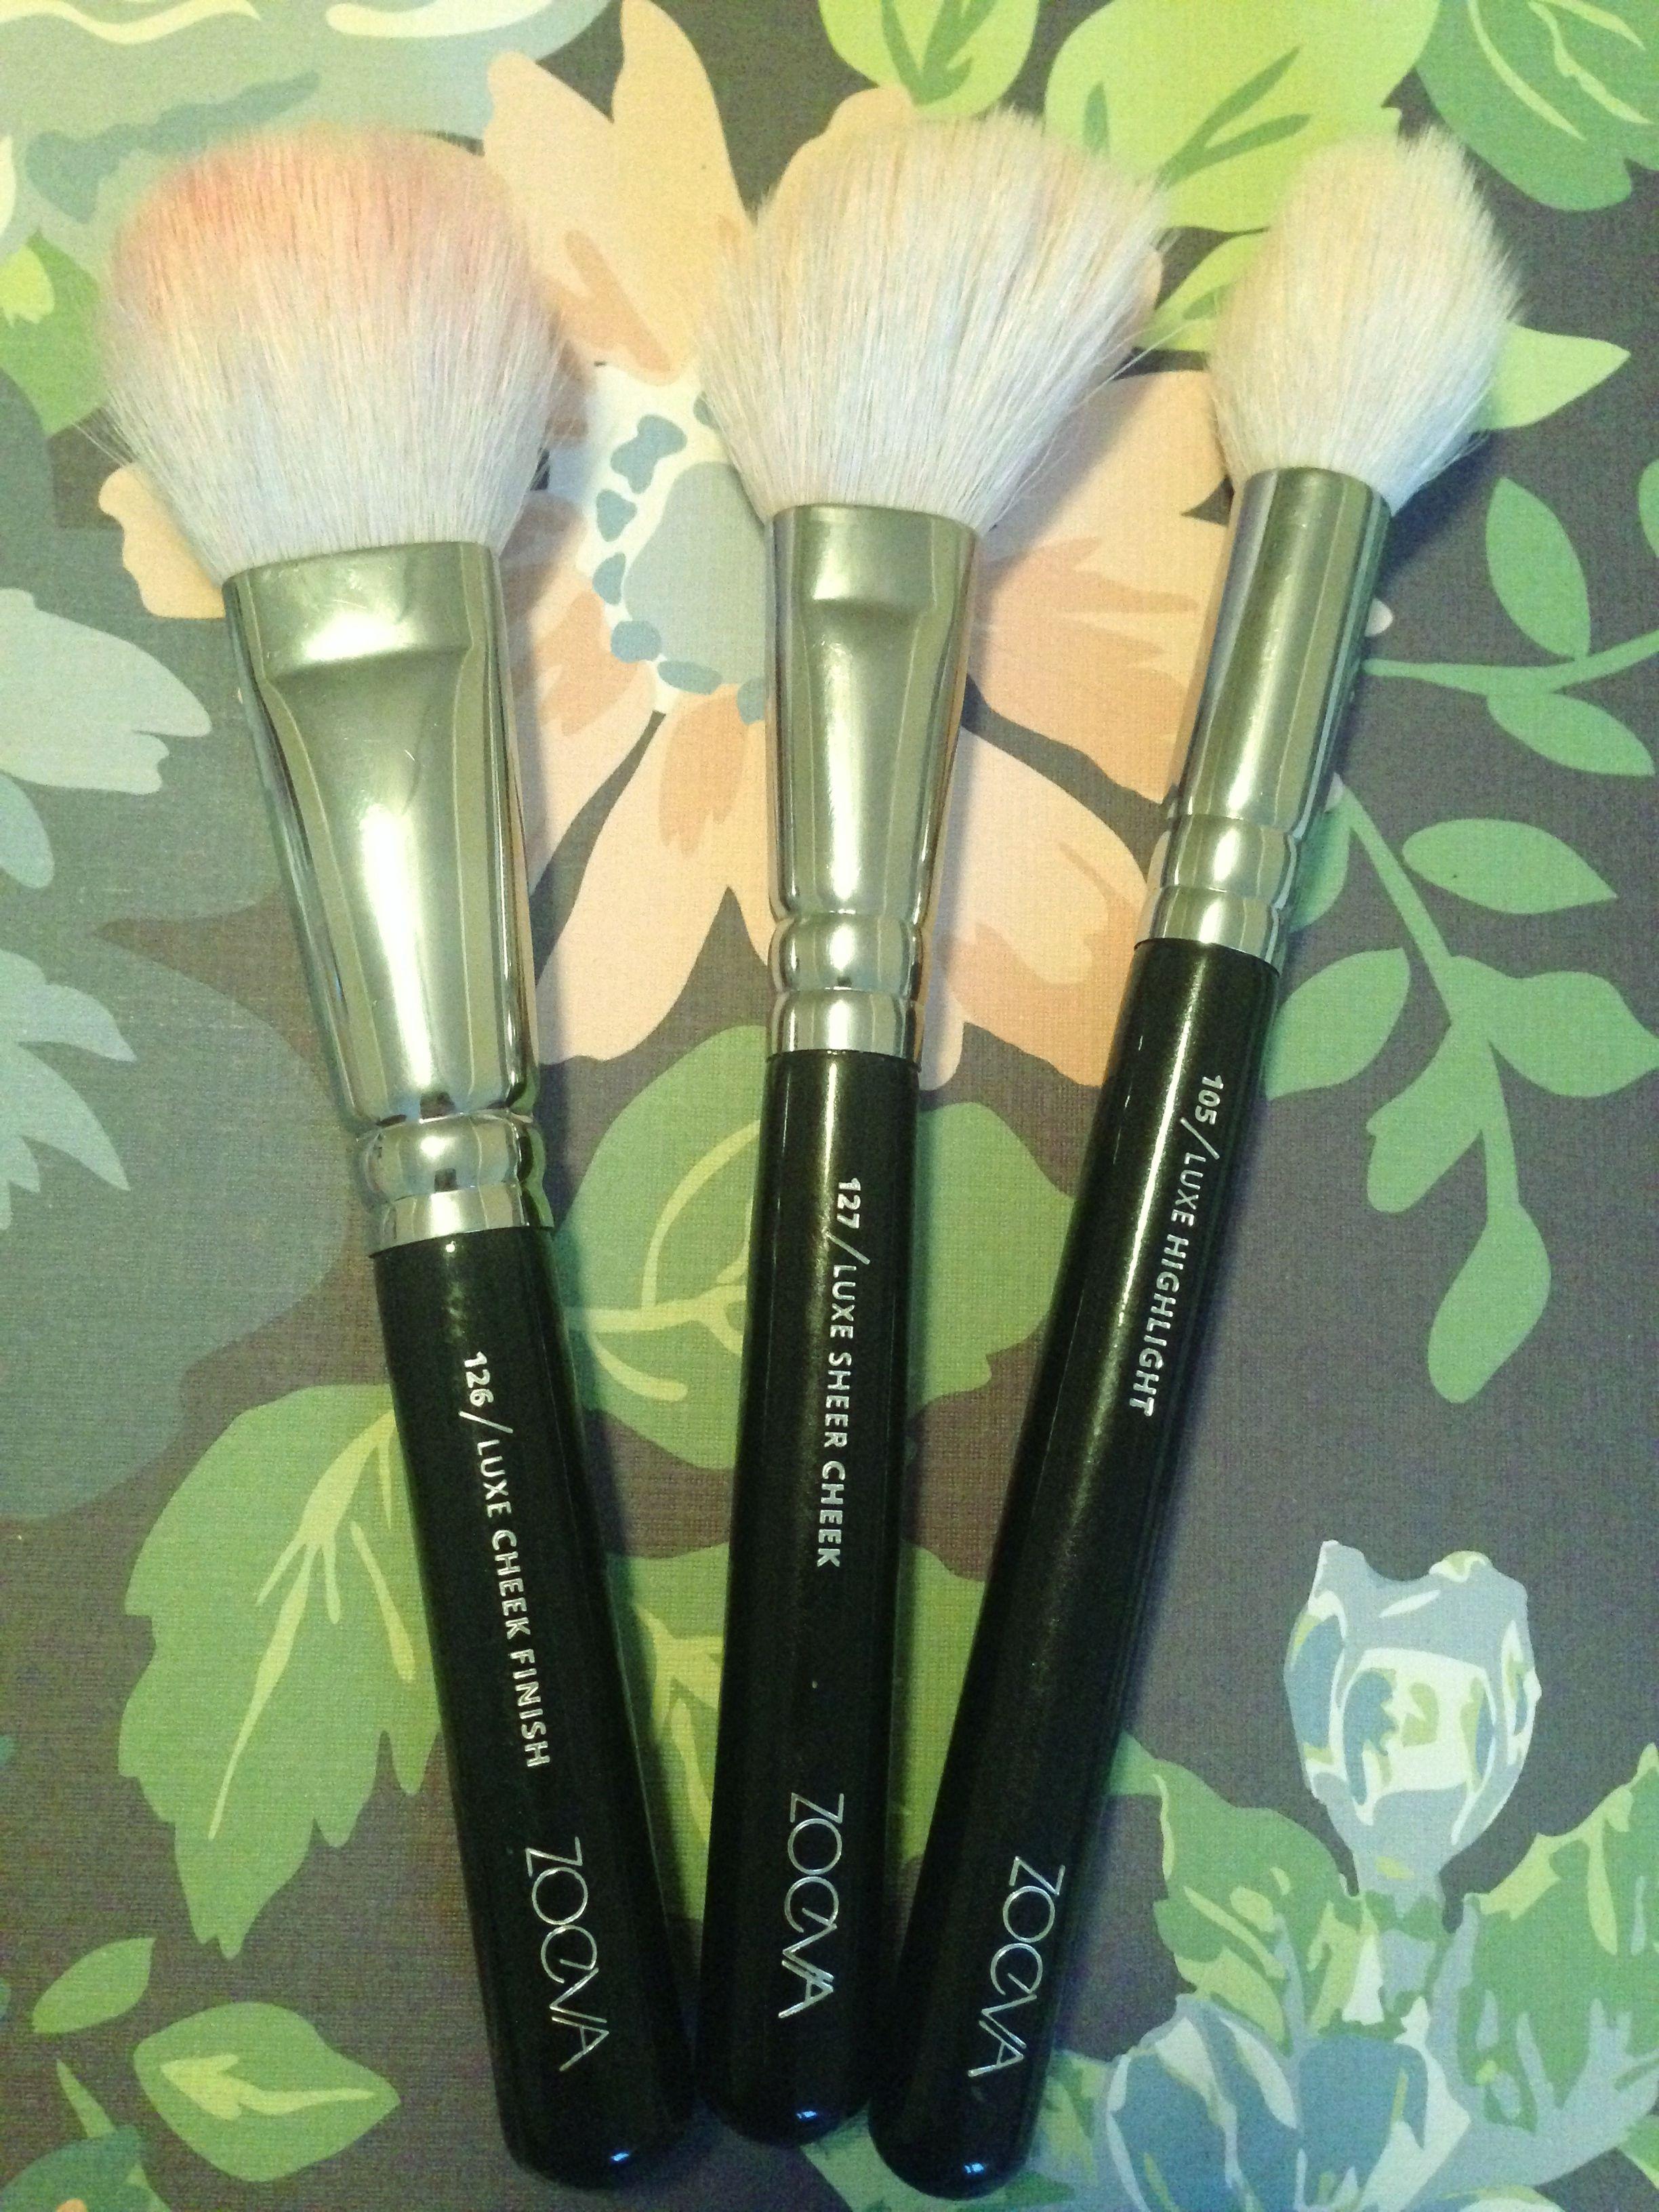 Zoeva MakeUp Brushes Review Makeup brushes, Makeup, Brush